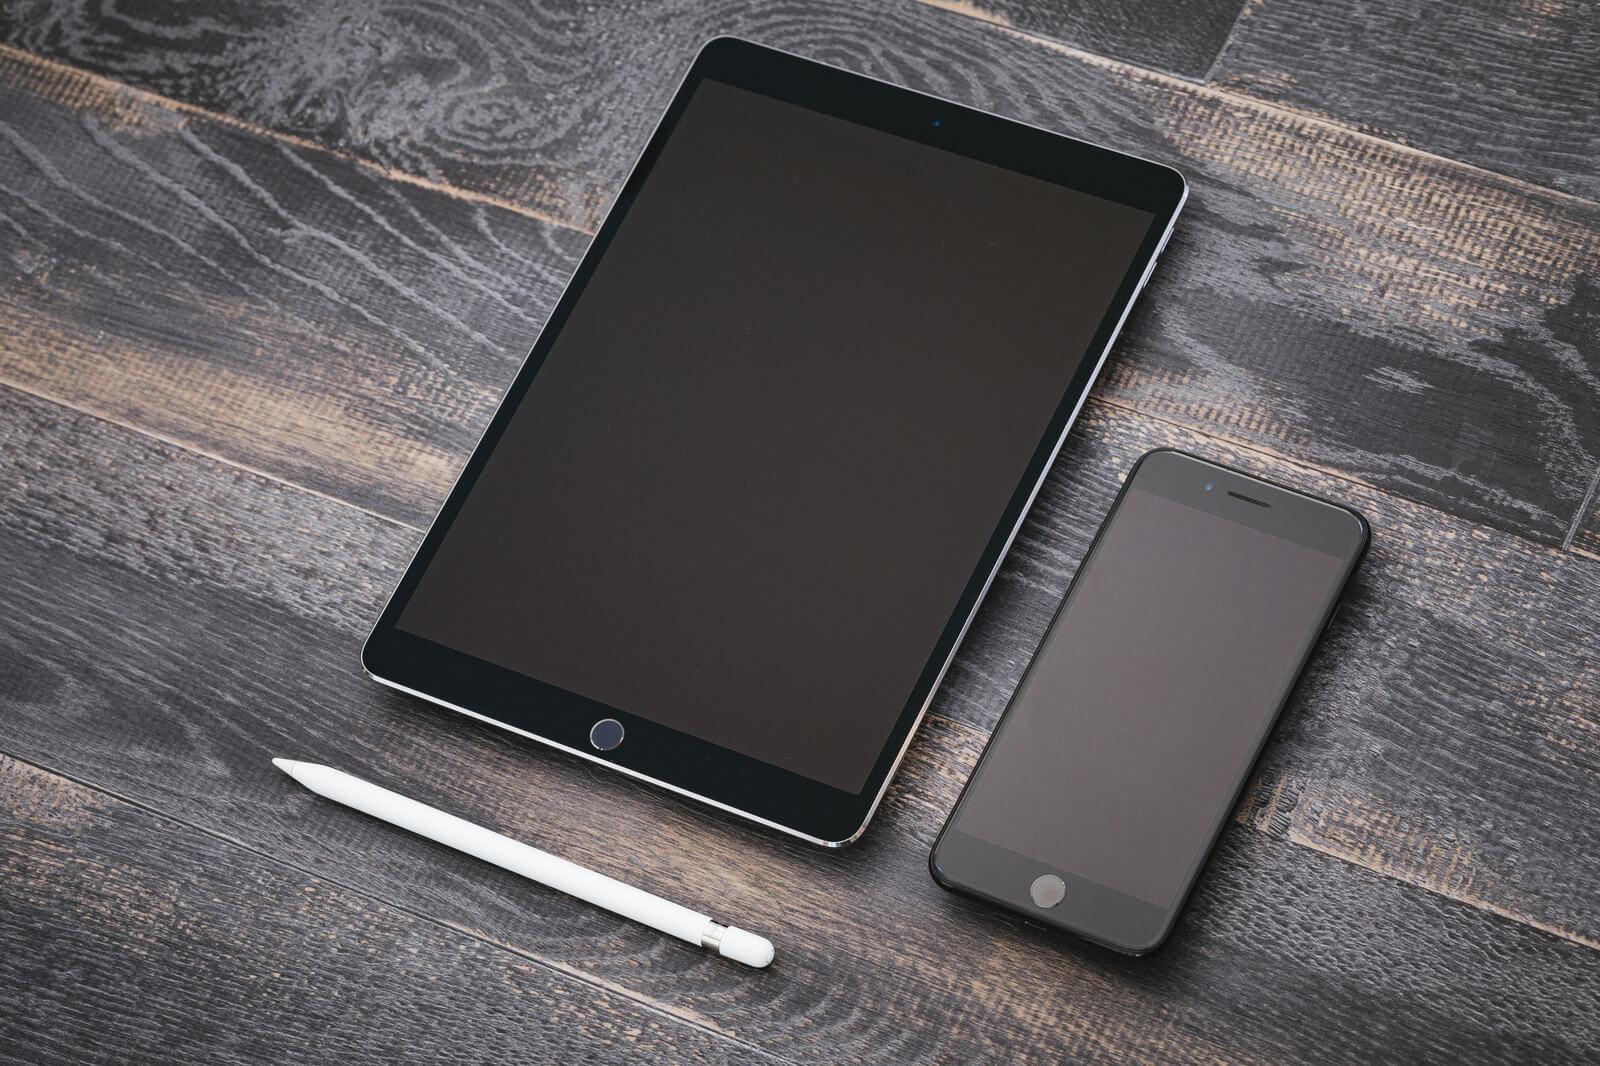 iPadProとiPhoneで格安SIM、2種類の使わけについて